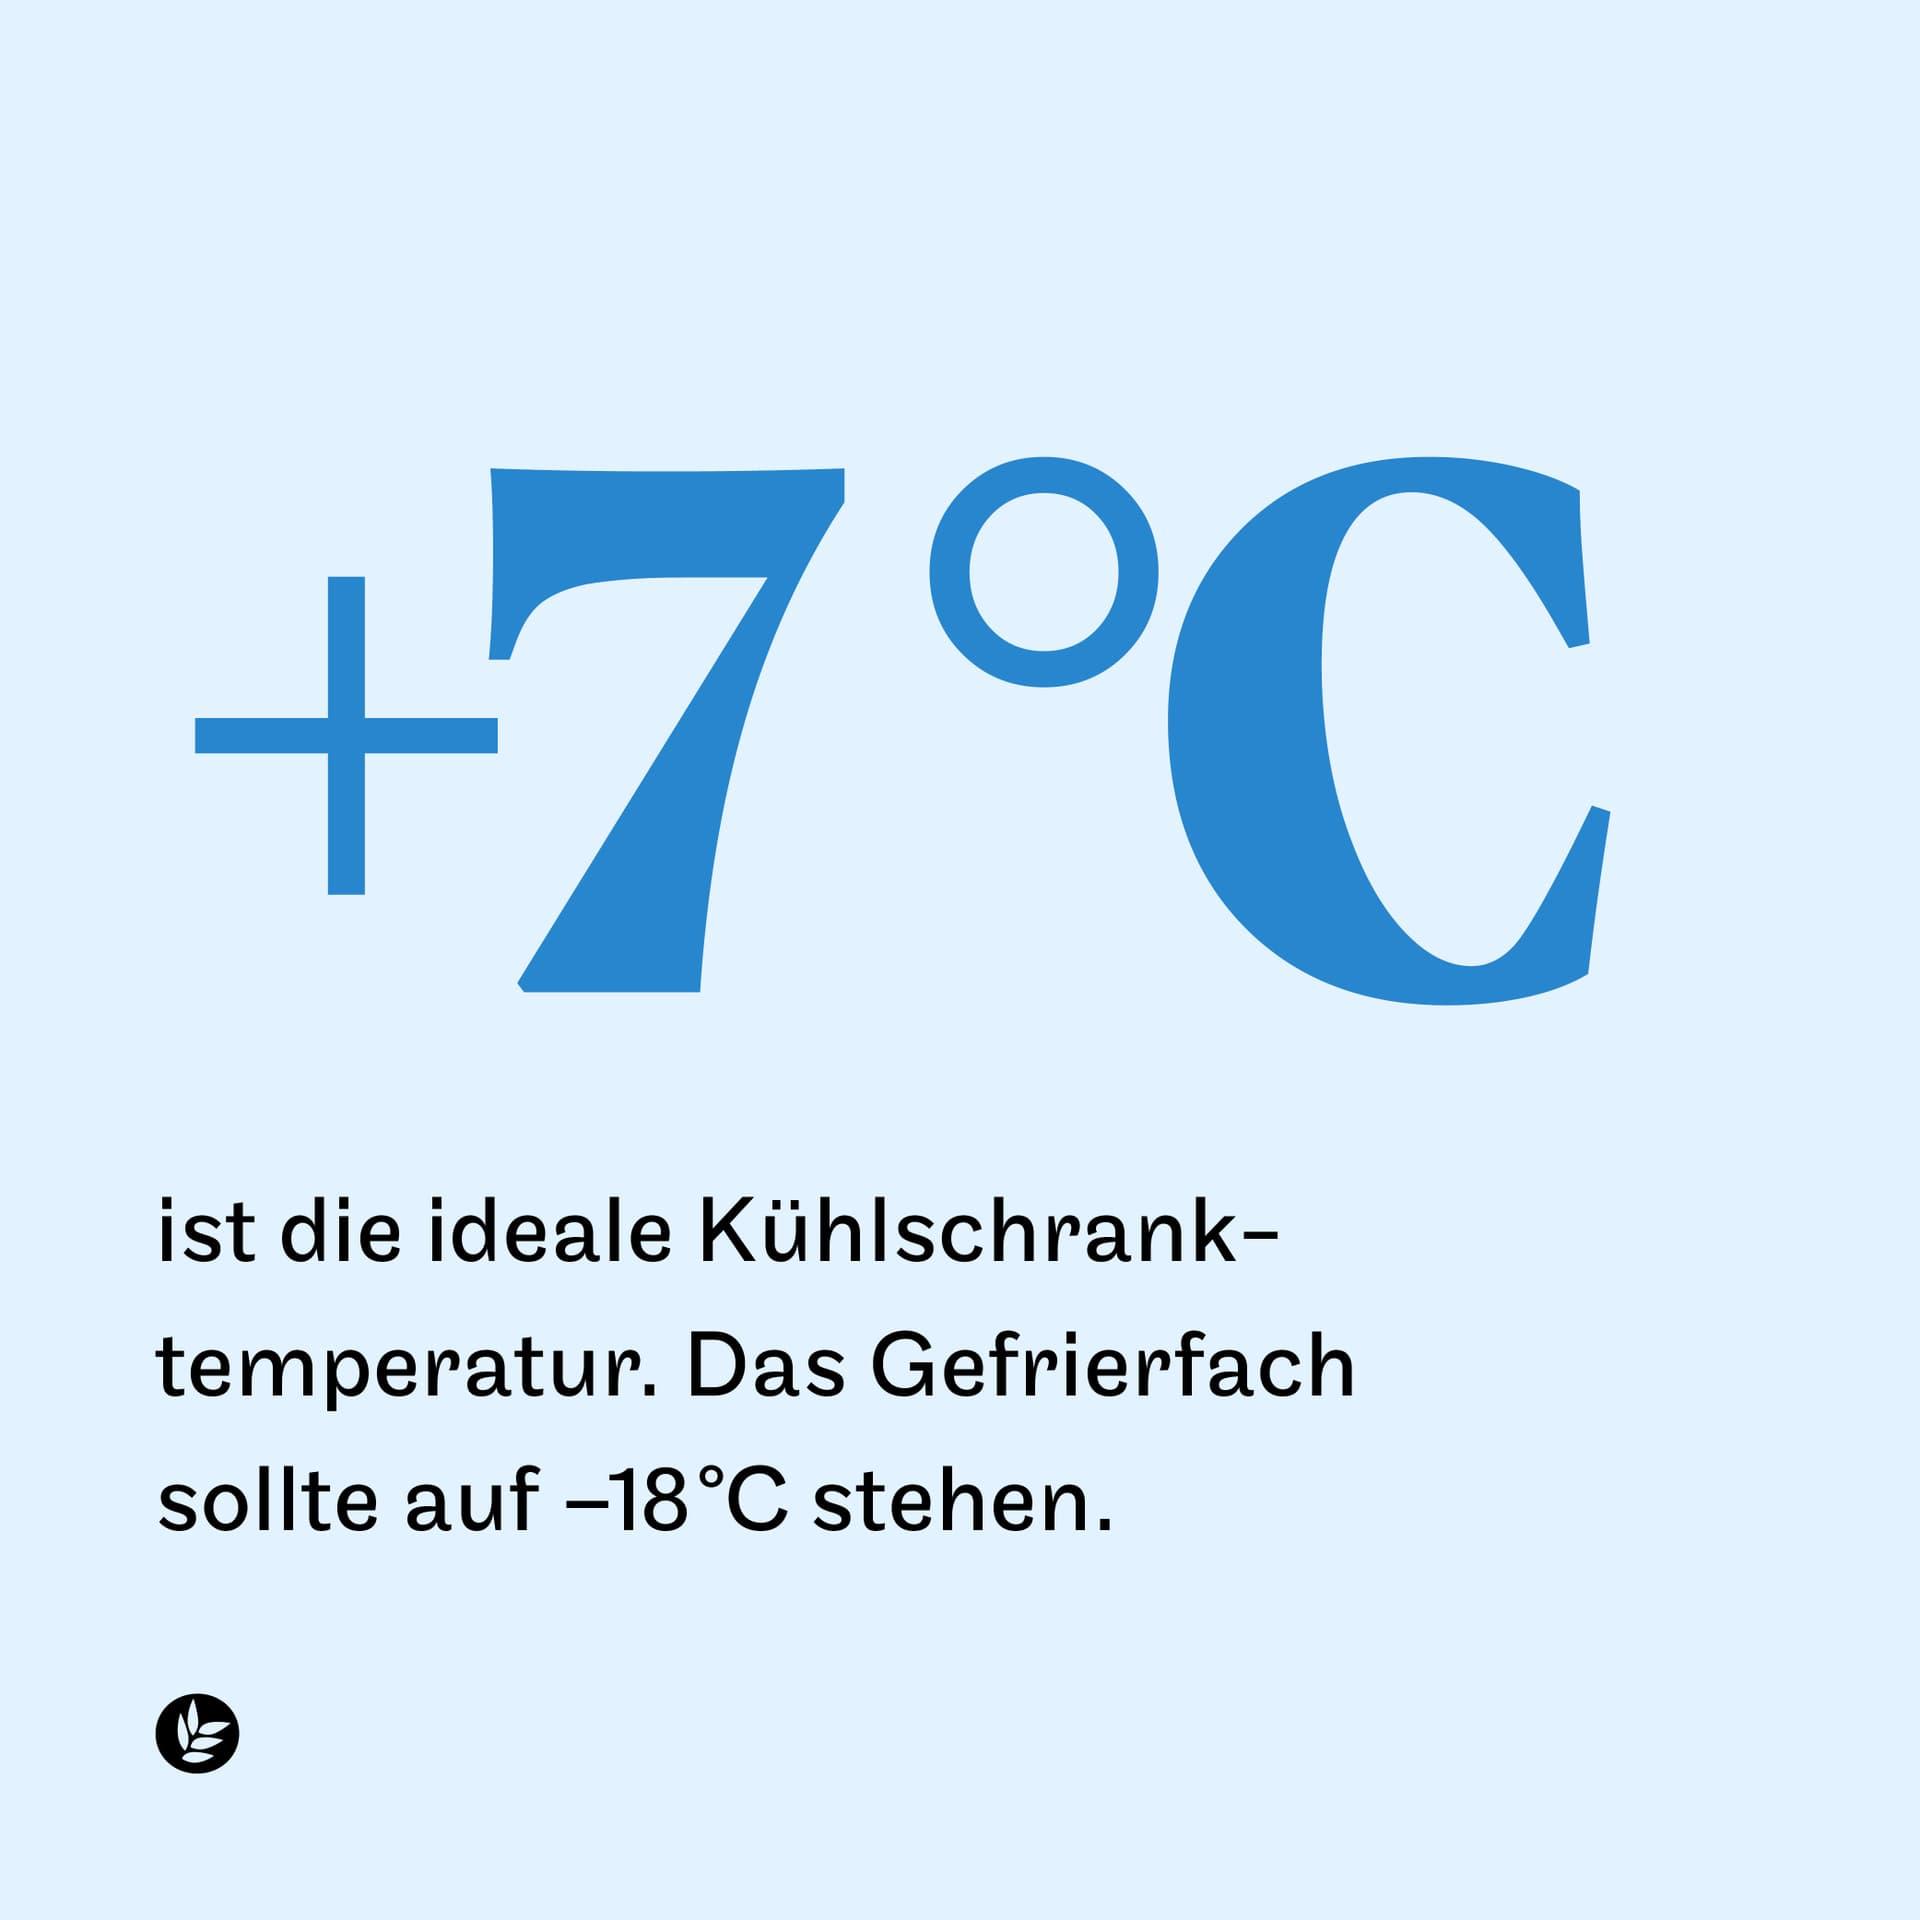 7 Grad ist die ideale Kühlschranktemperatur